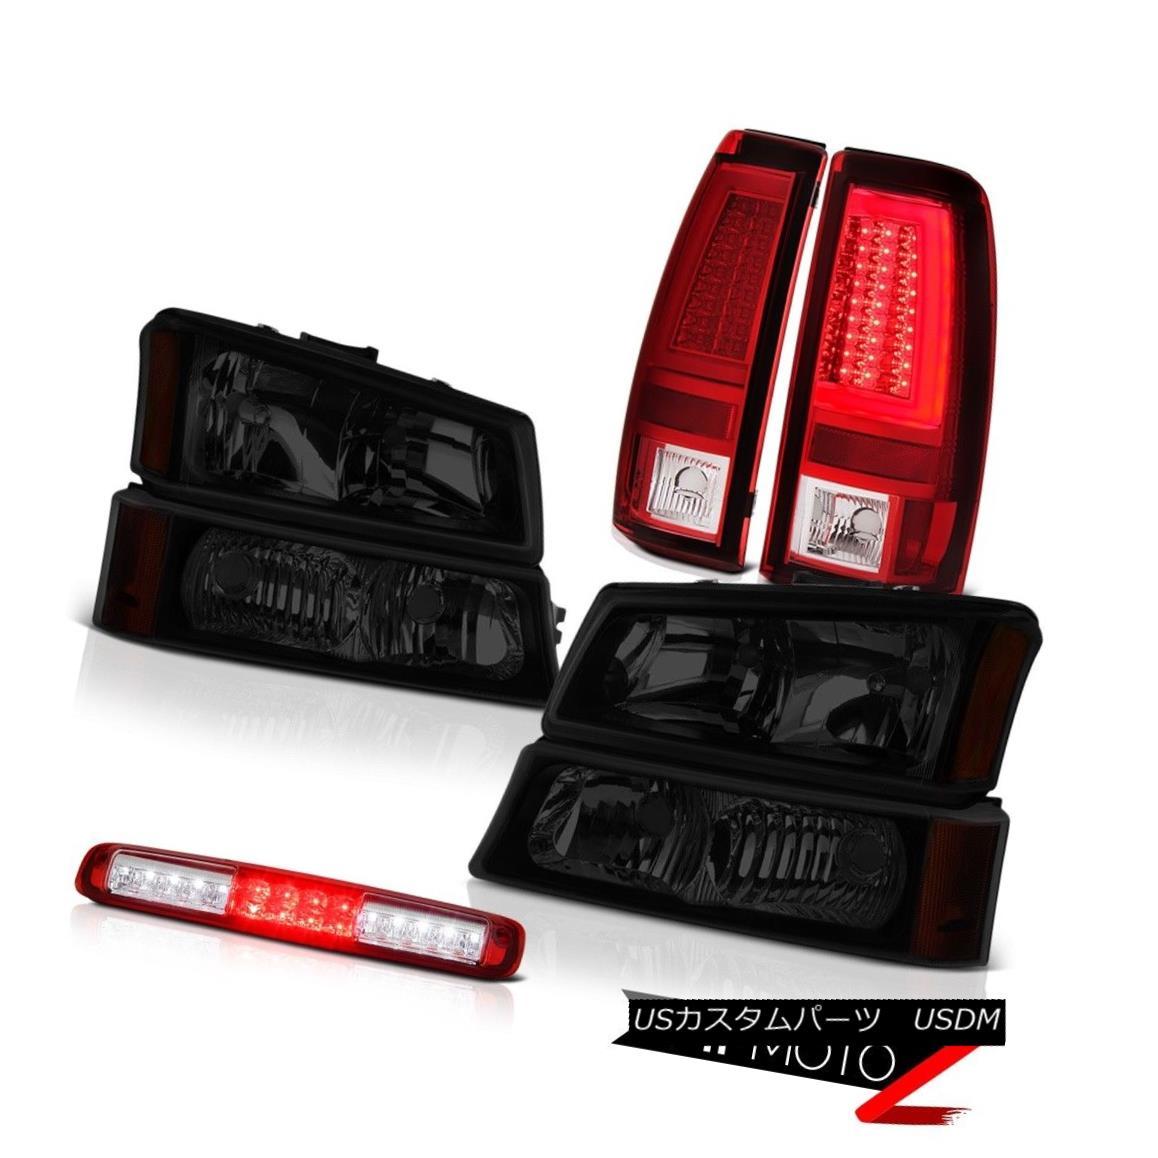 テールライト 2003-2006 Silverado Red Tail Brake Lights Headlamps 3RD Lamp Tron Tube Assembly 2003-2006シルバラードレッドテールブレーキライトヘッドランプ3RDランプトロンチューブアセンブリ